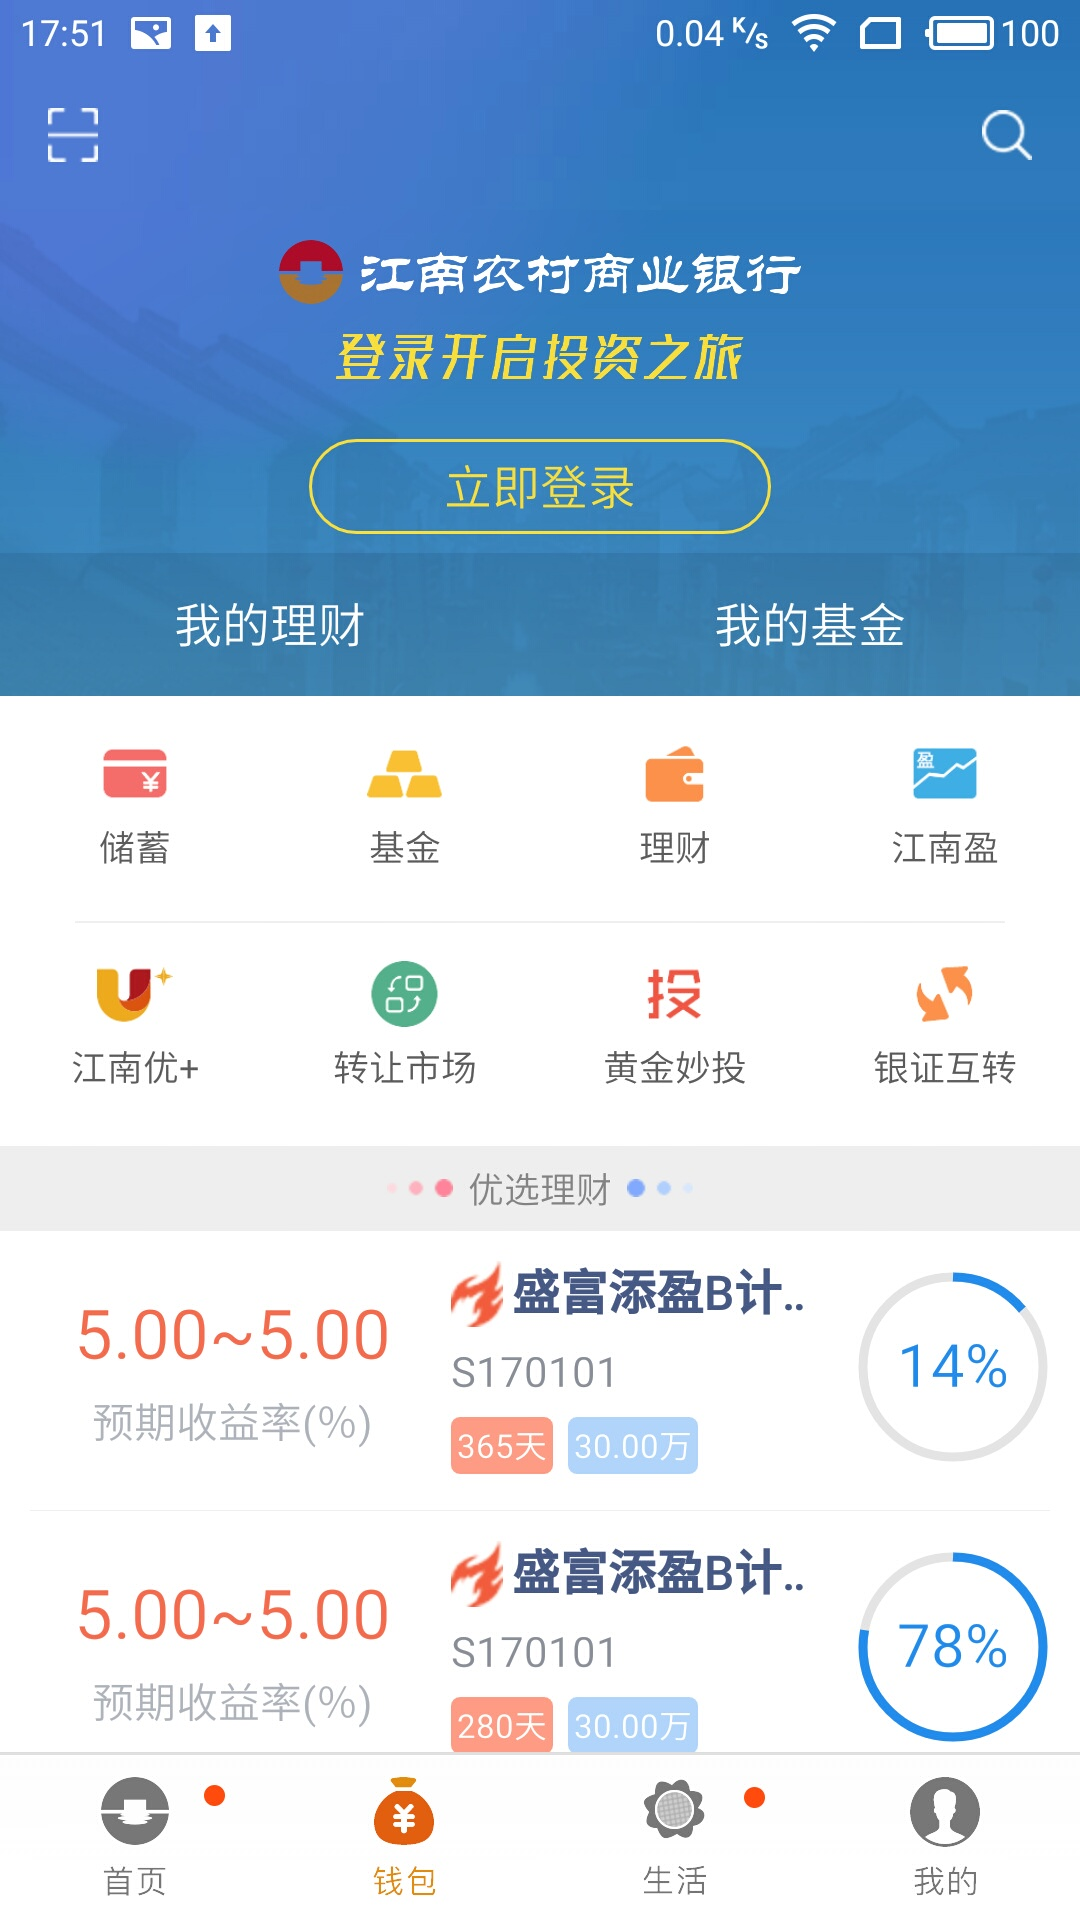 江南农村商业银行截图